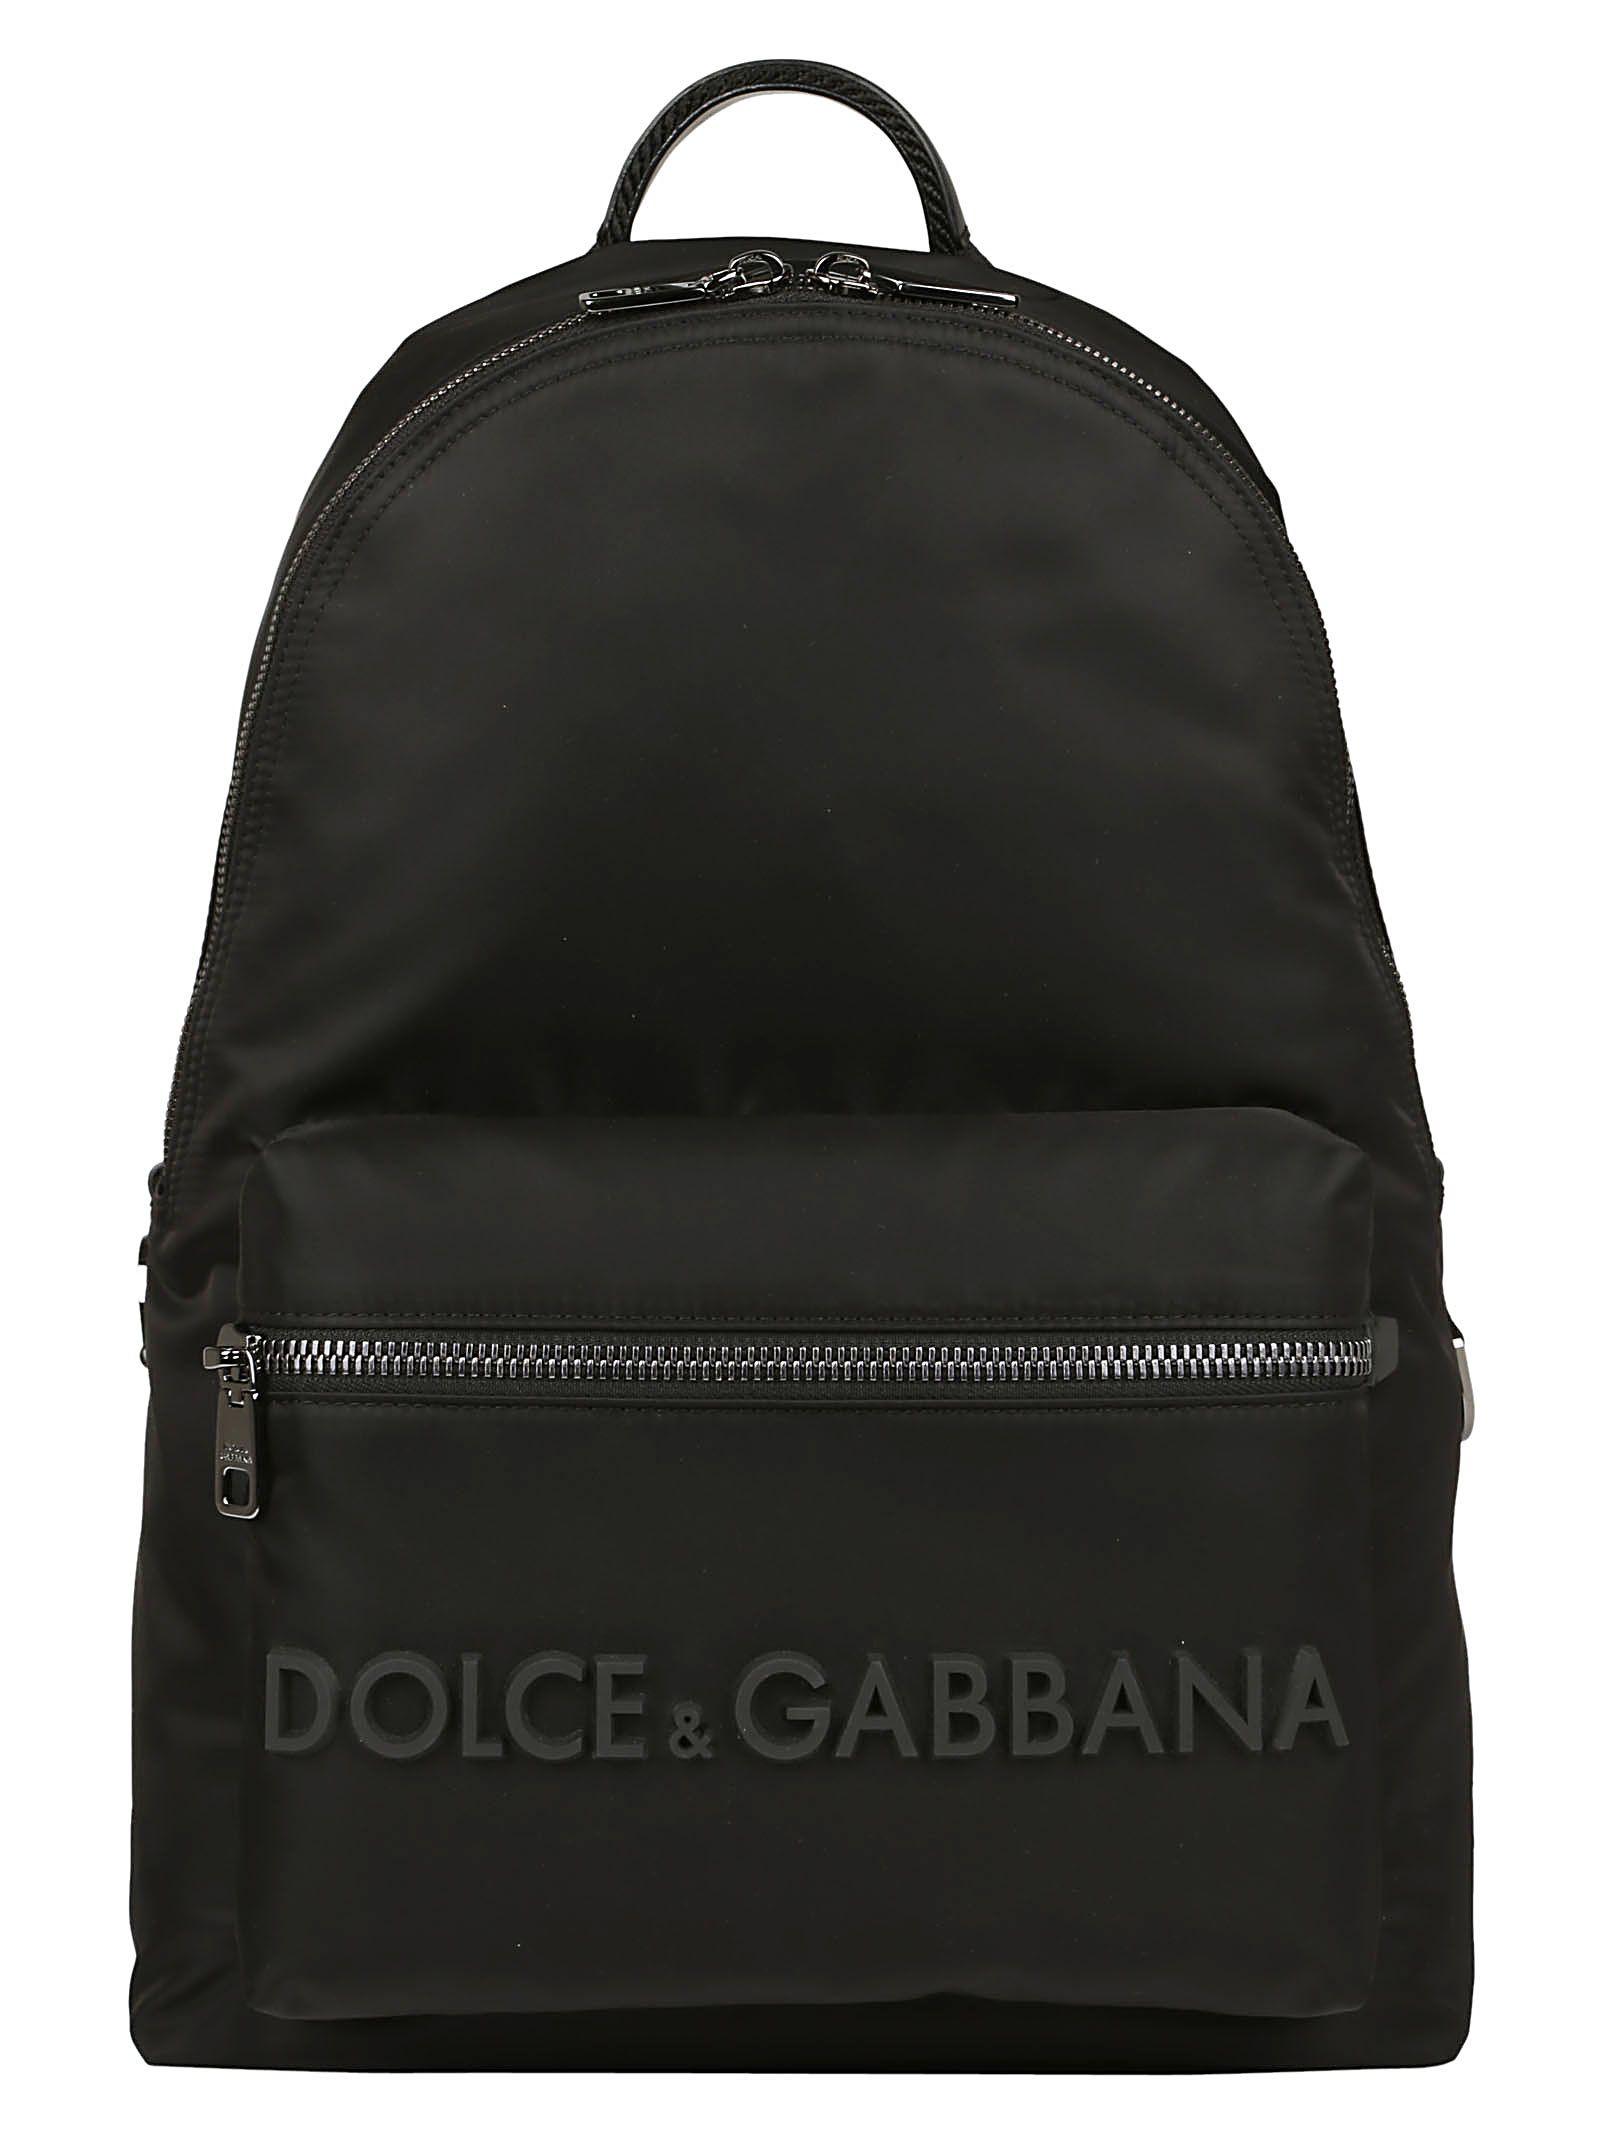 b7470d96bb74 Dolce   Gabbana Dolce E Gabbana Backpack - Black - 10806133